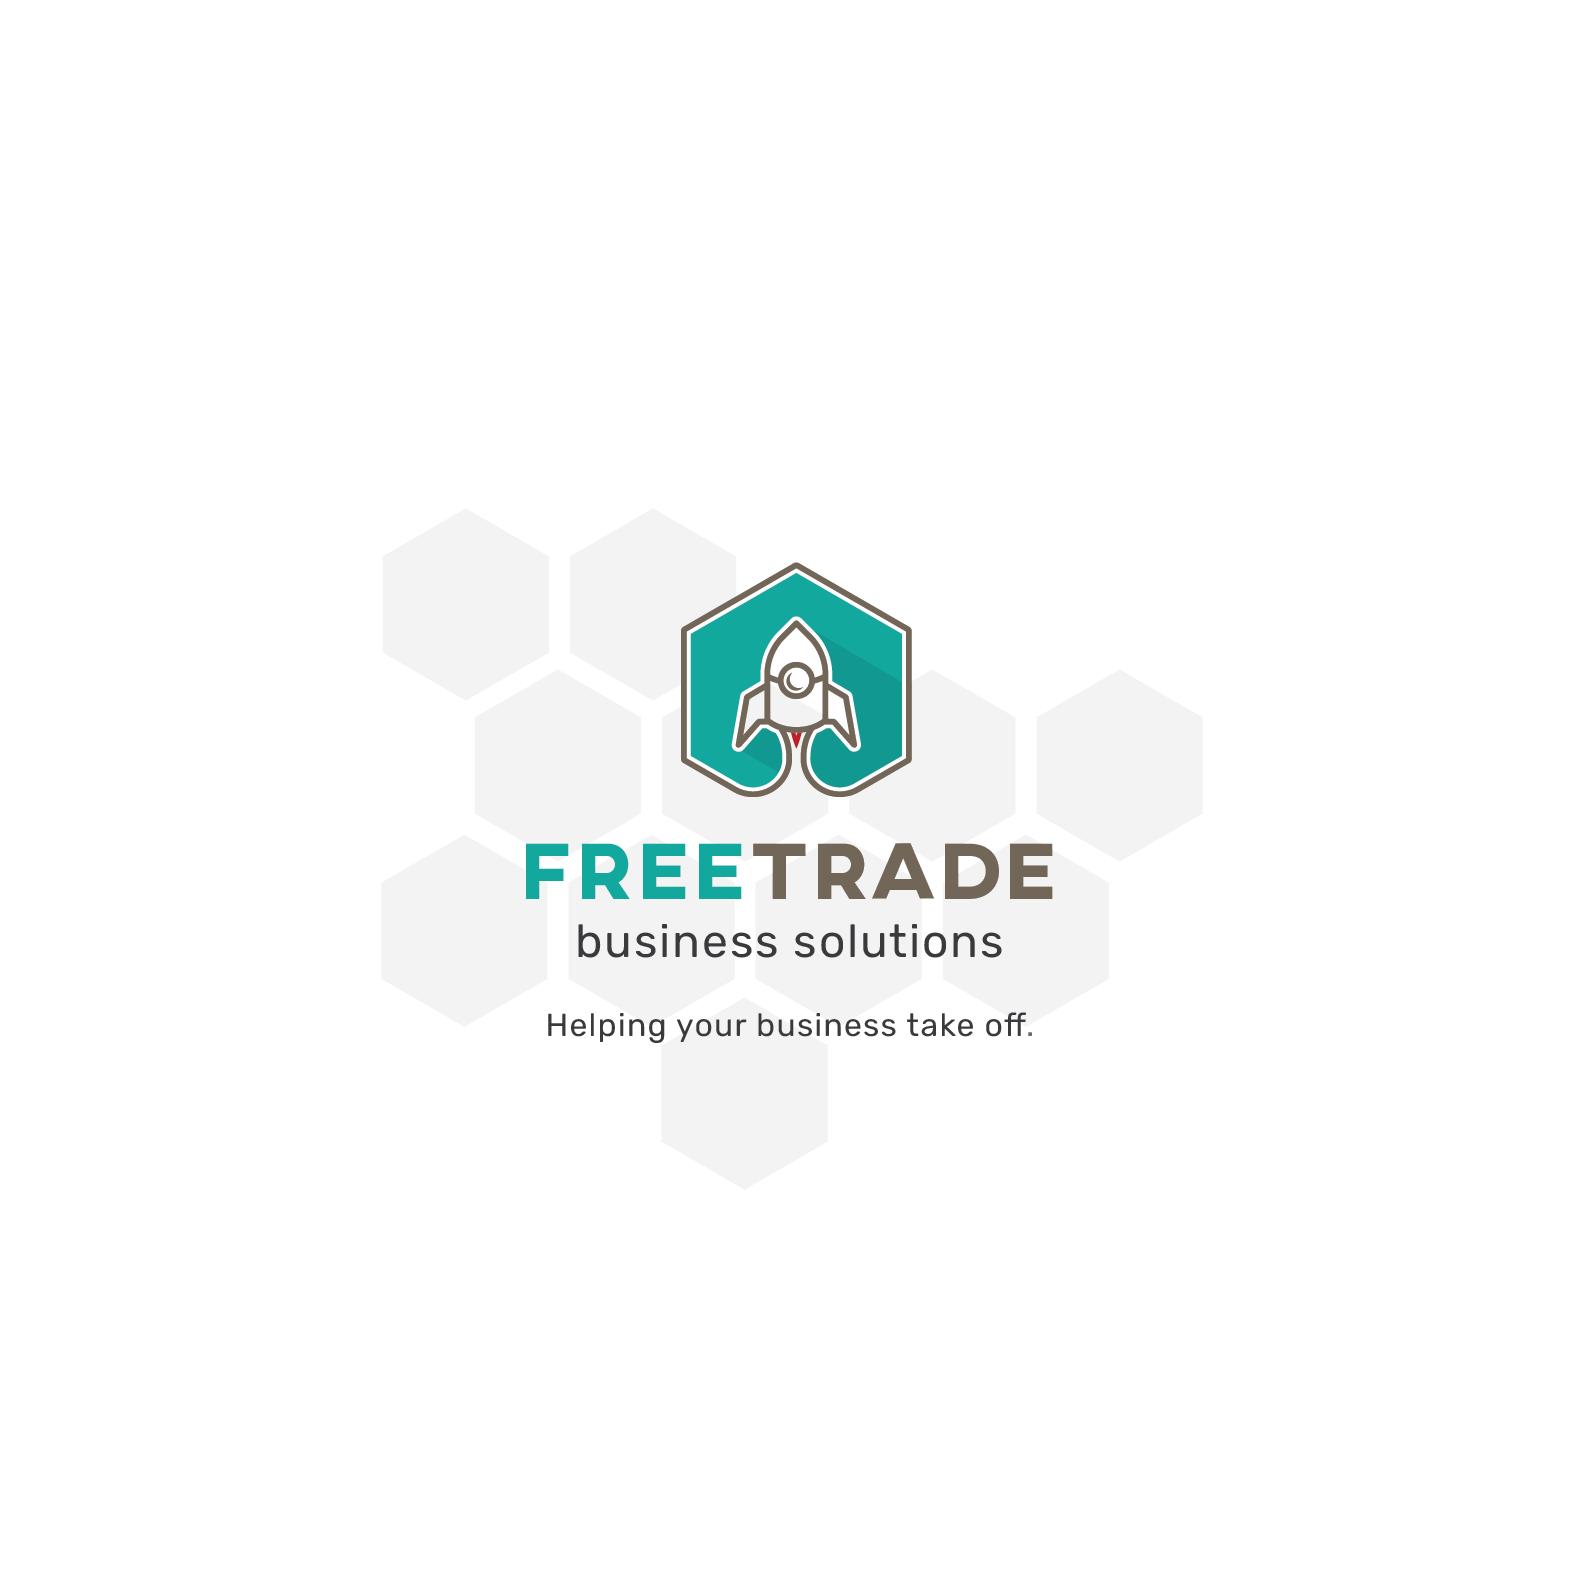 Logo_Free_Trade